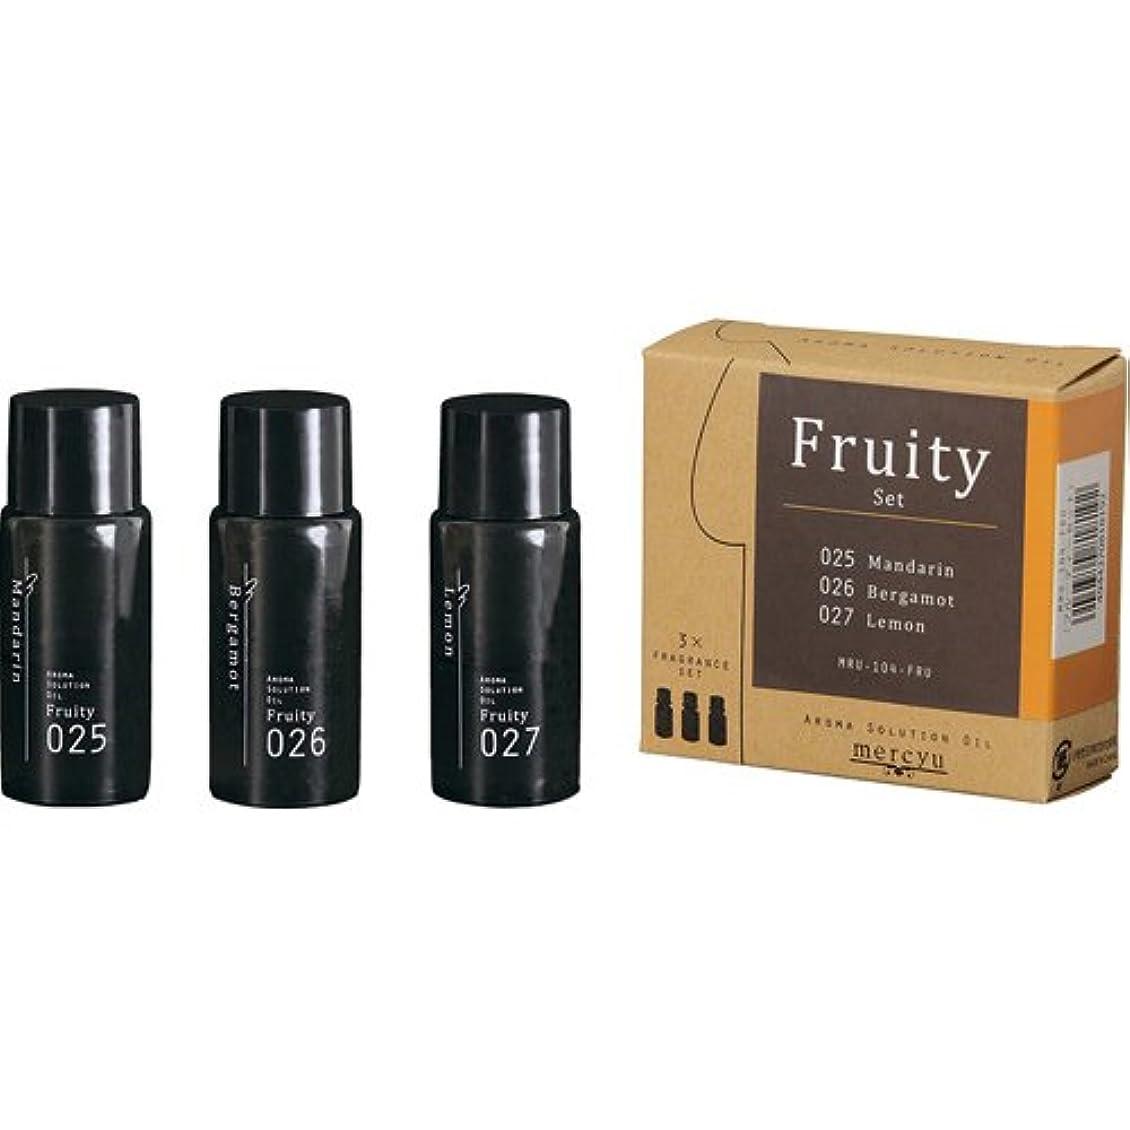 感謝ジャーナルサンドイッチアロマ ソリューション オイル Fruity (025ベルガモット/026レモン/027マンダリン) MRU-104-FRU